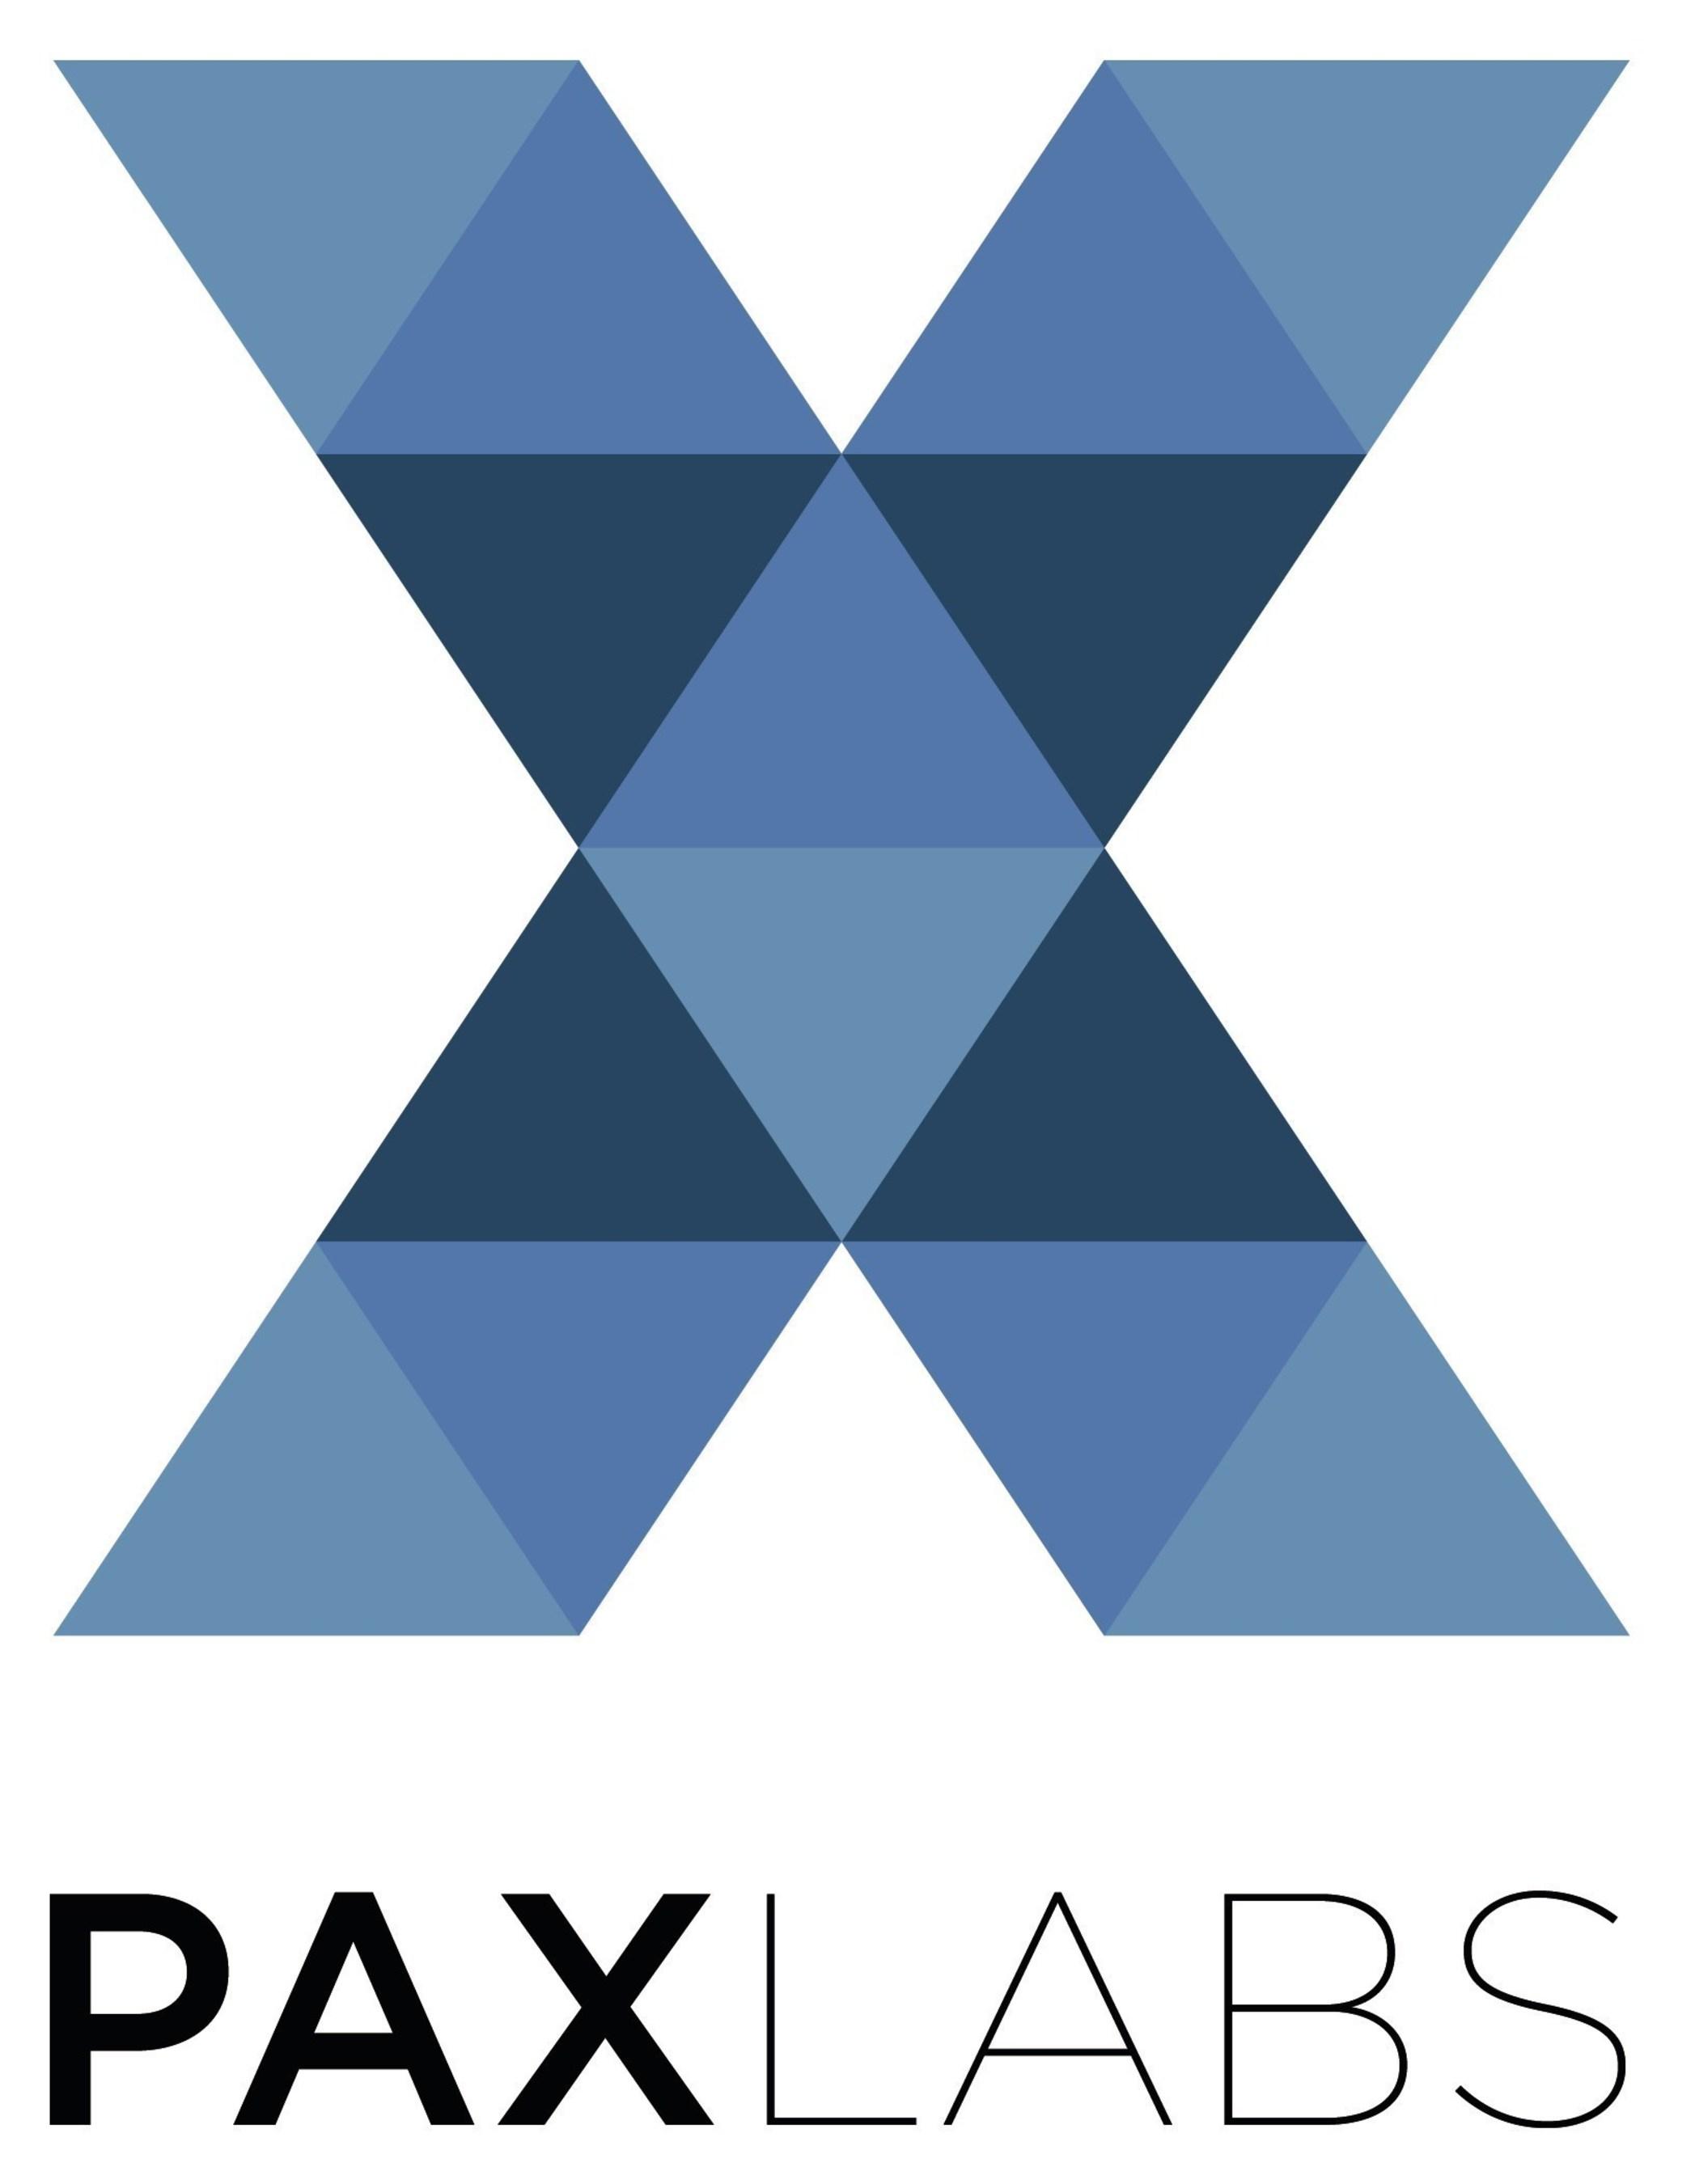 PAX Labs, Inc. prosegue l'espansione globale della linea leader di vaporizzatori con crescita in